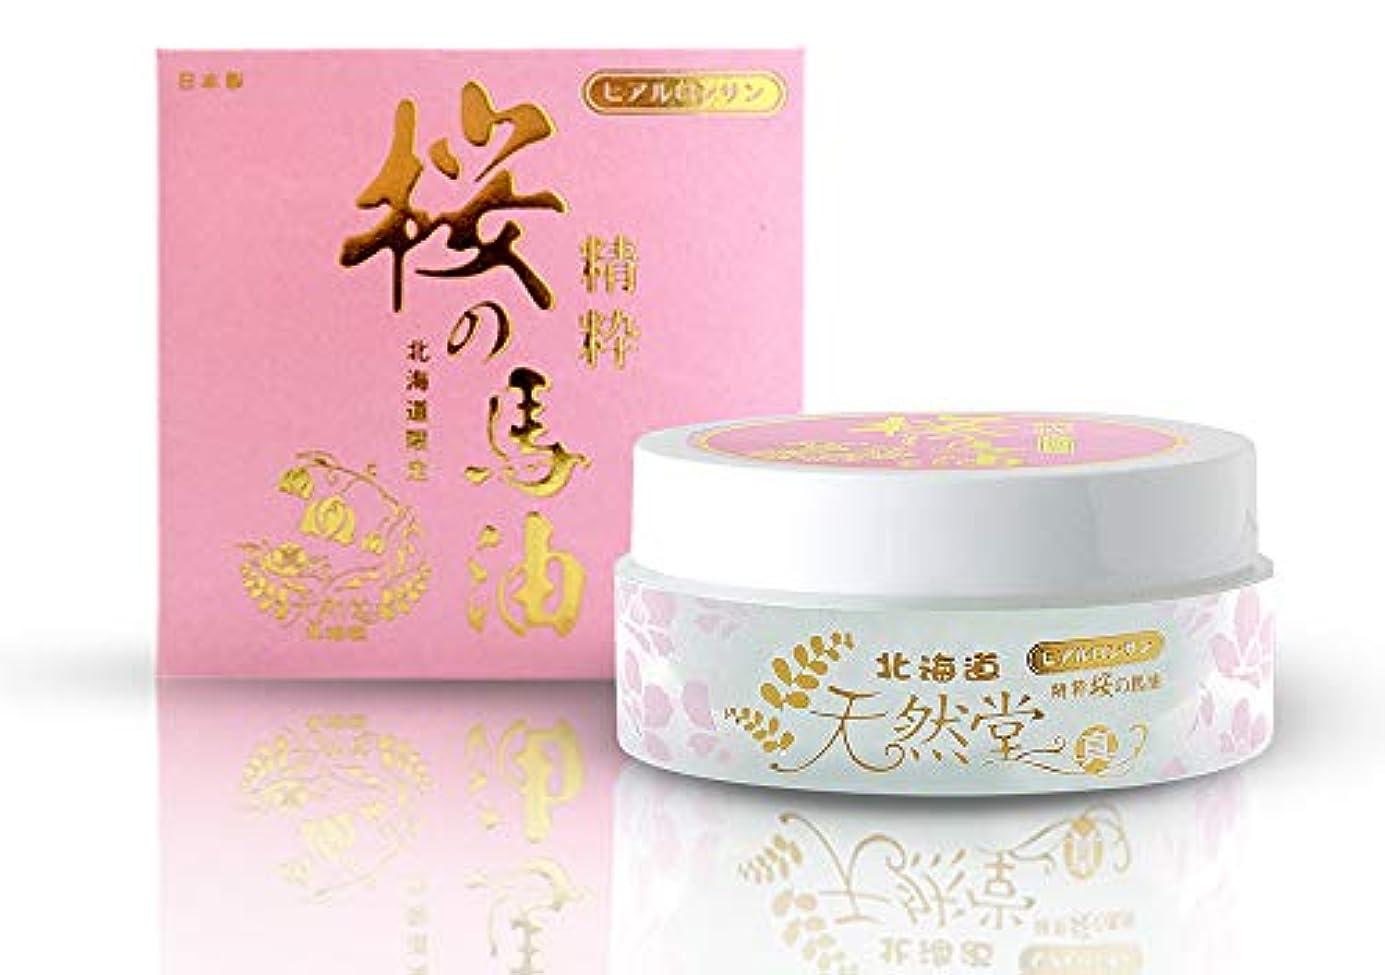 水曜日コメント愛国的な精粋桜の馬油クリーム 80g / 北海道天然堂